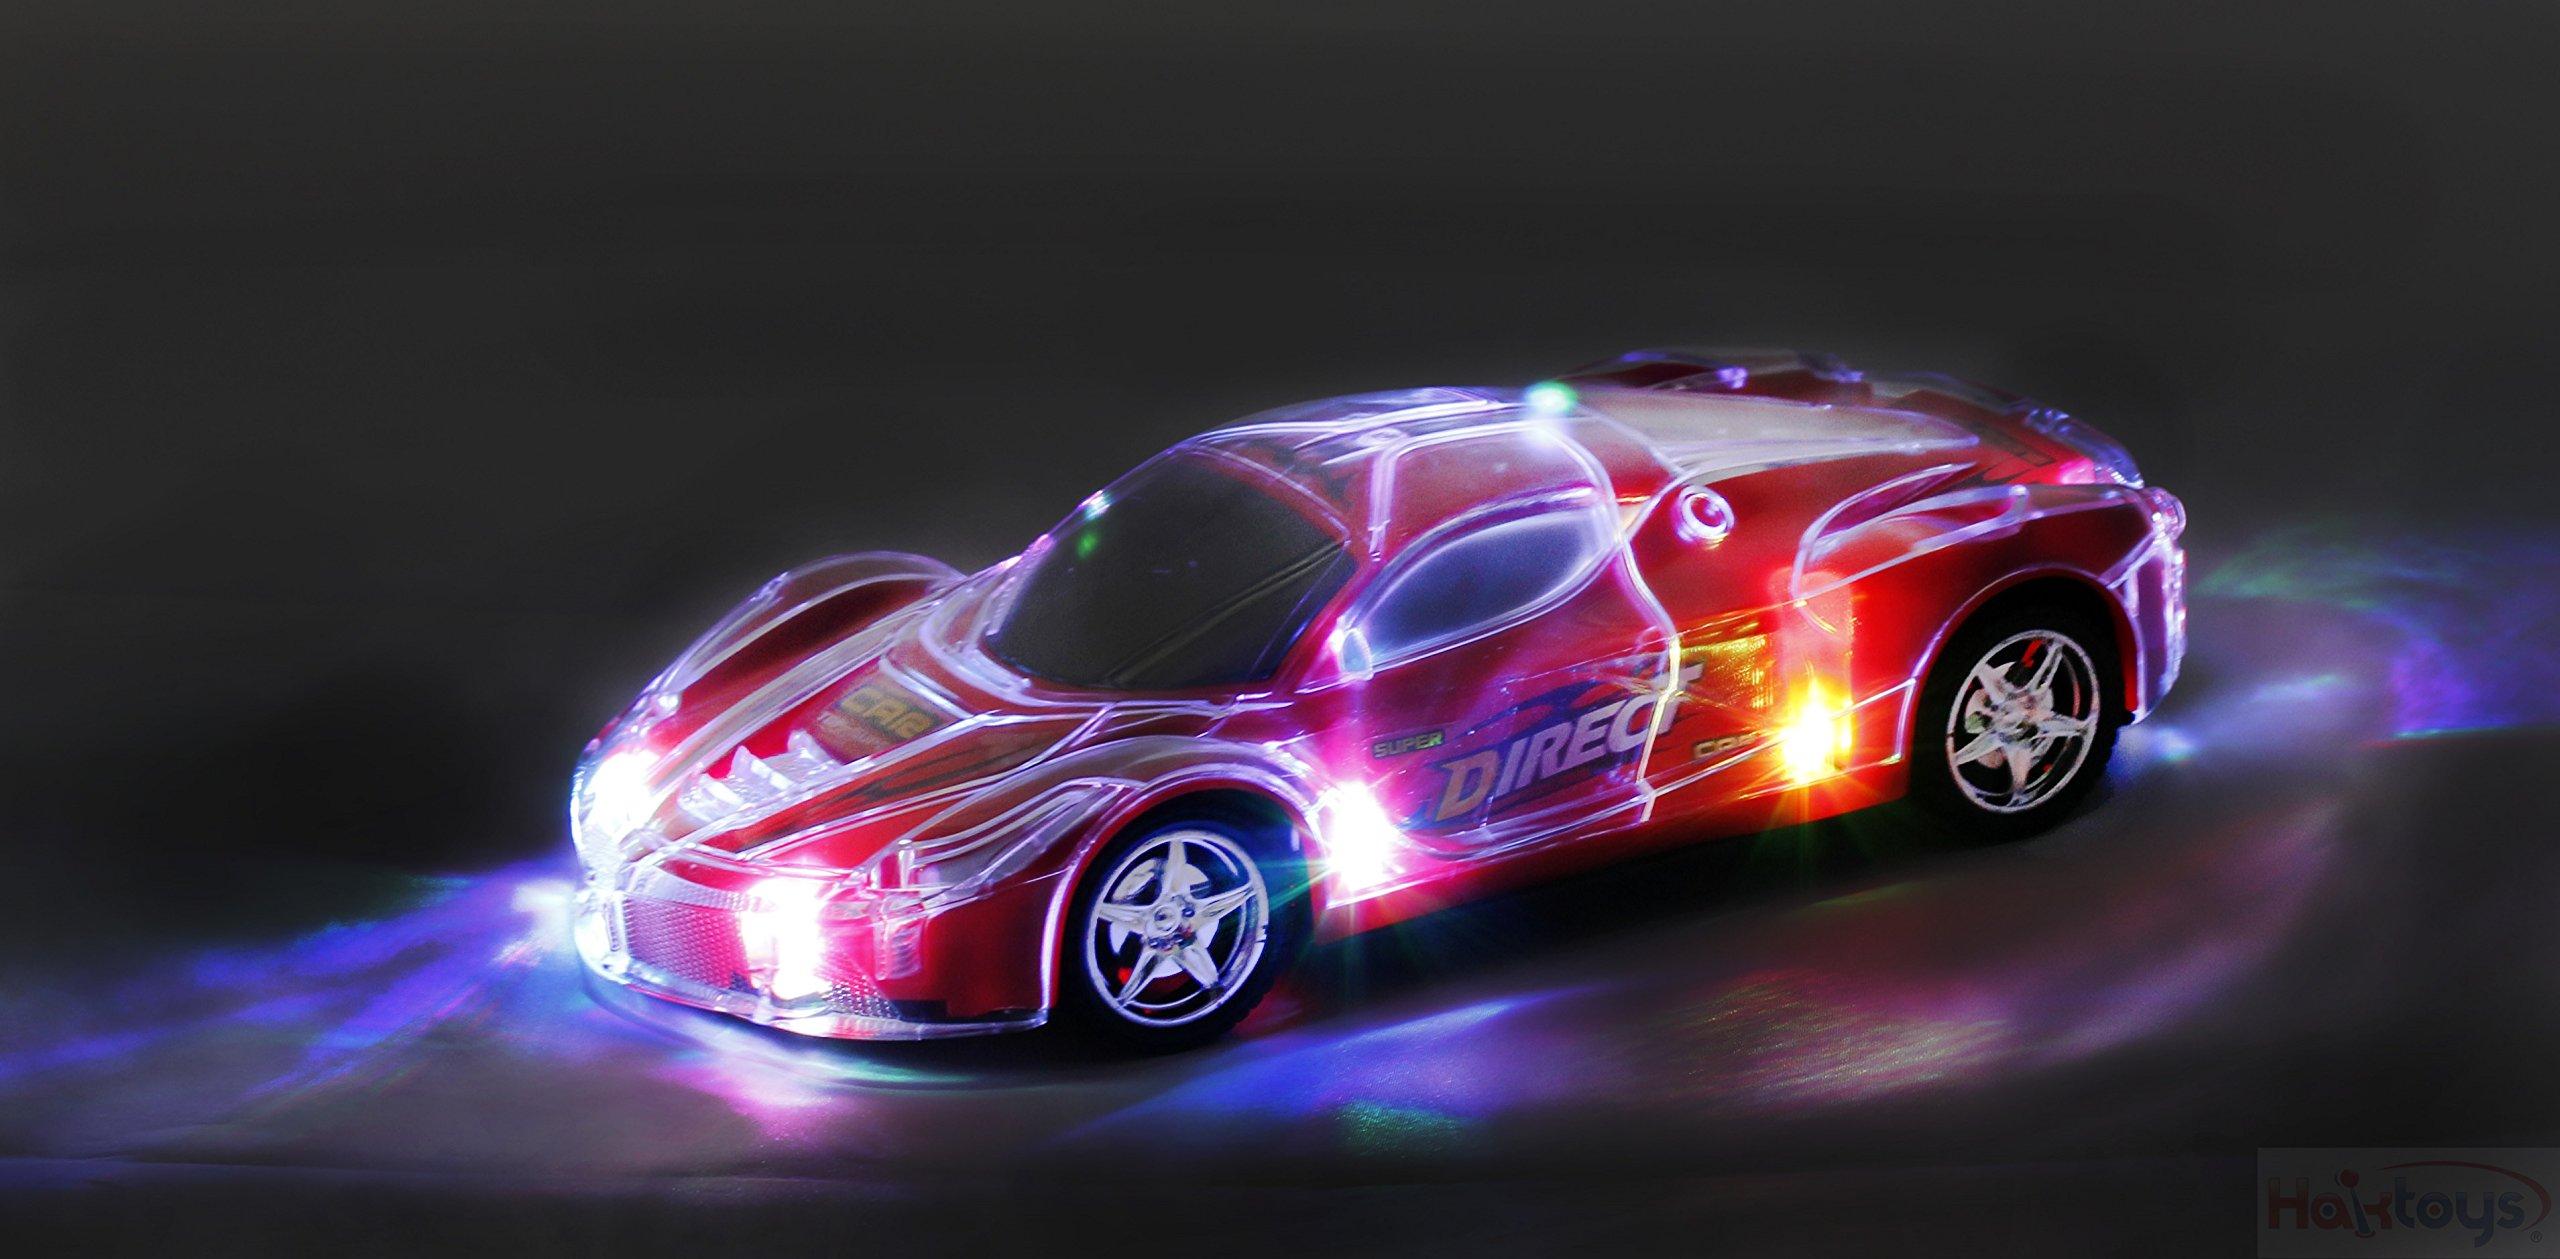 Light Up Racing Car